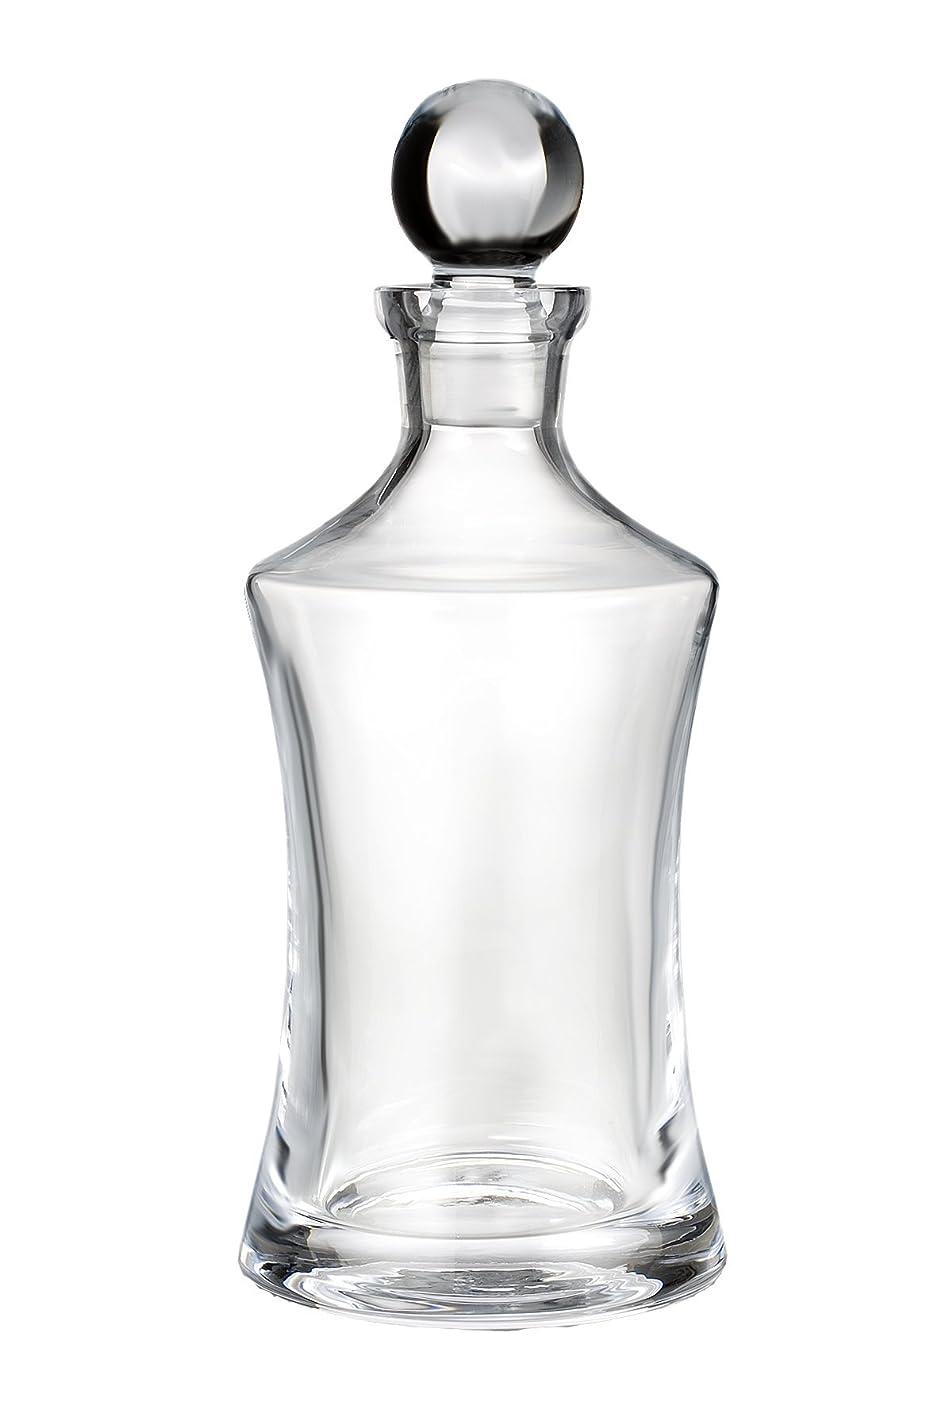 悪意のあるクローン入り口Marquis by Waterford Art of Mixology Vintage Hour Glass Decanter, 29-Ounce by Marquis By Waterford